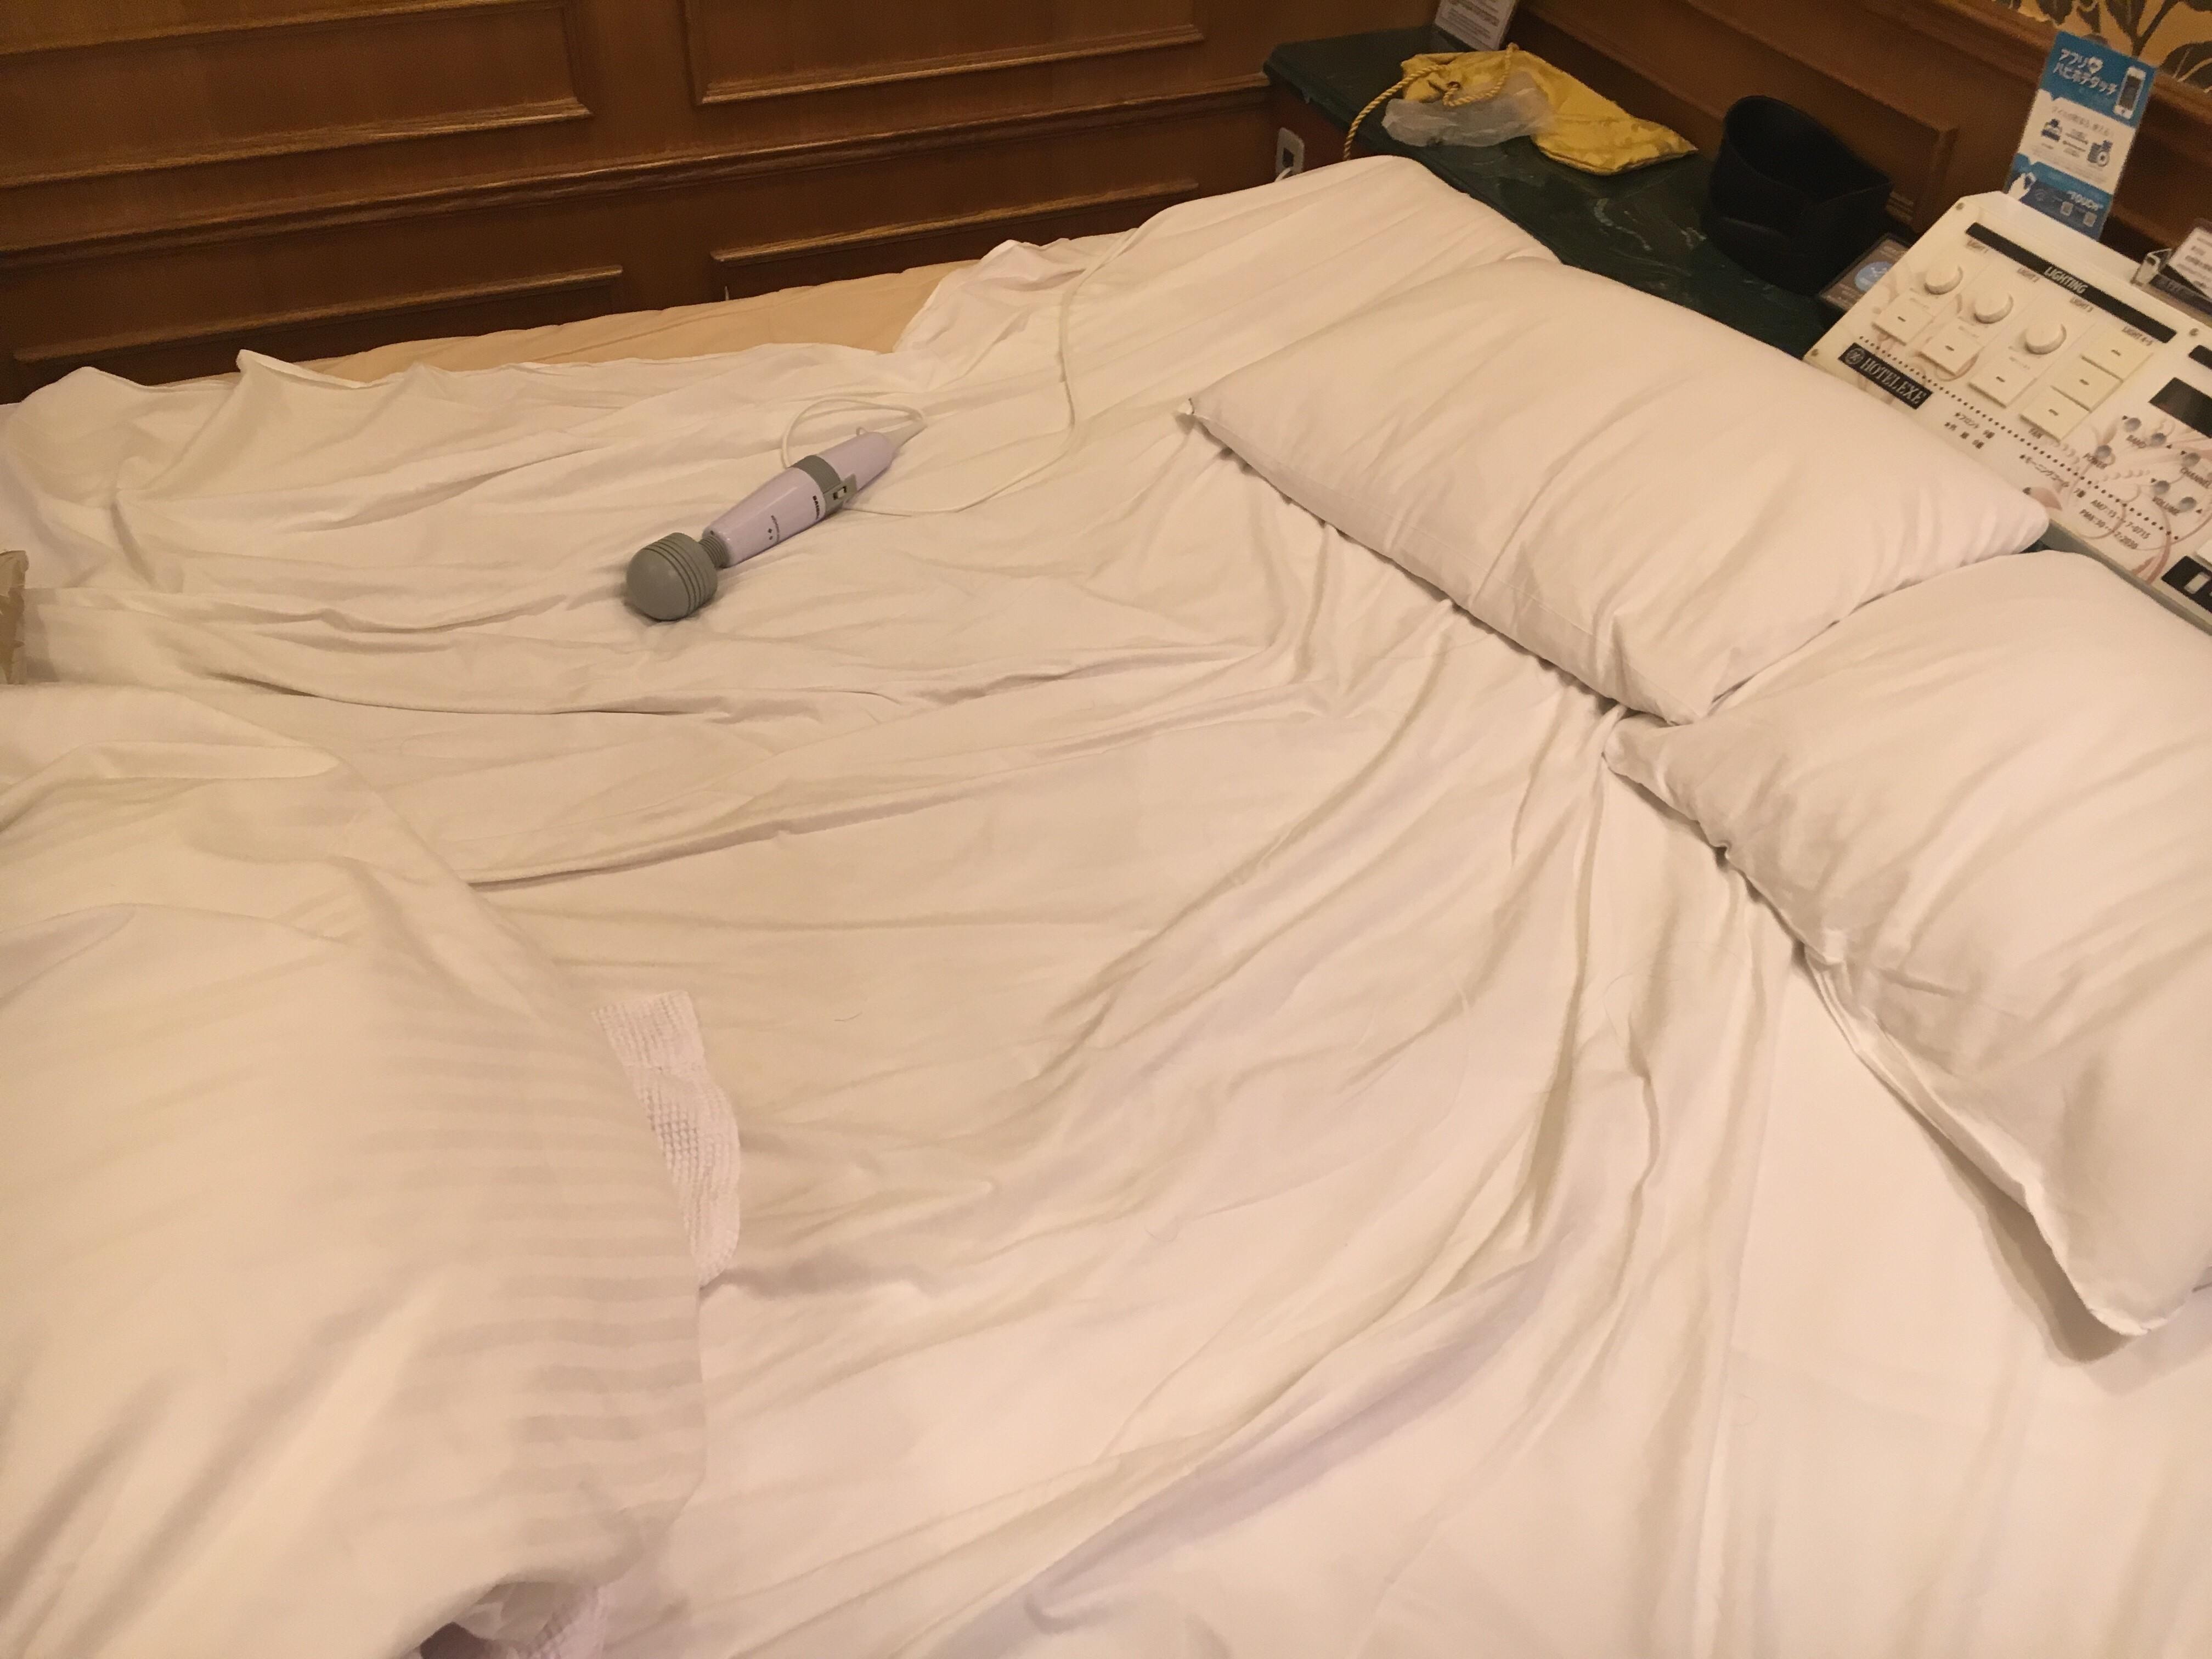 潮吹きでビショビショのベッド